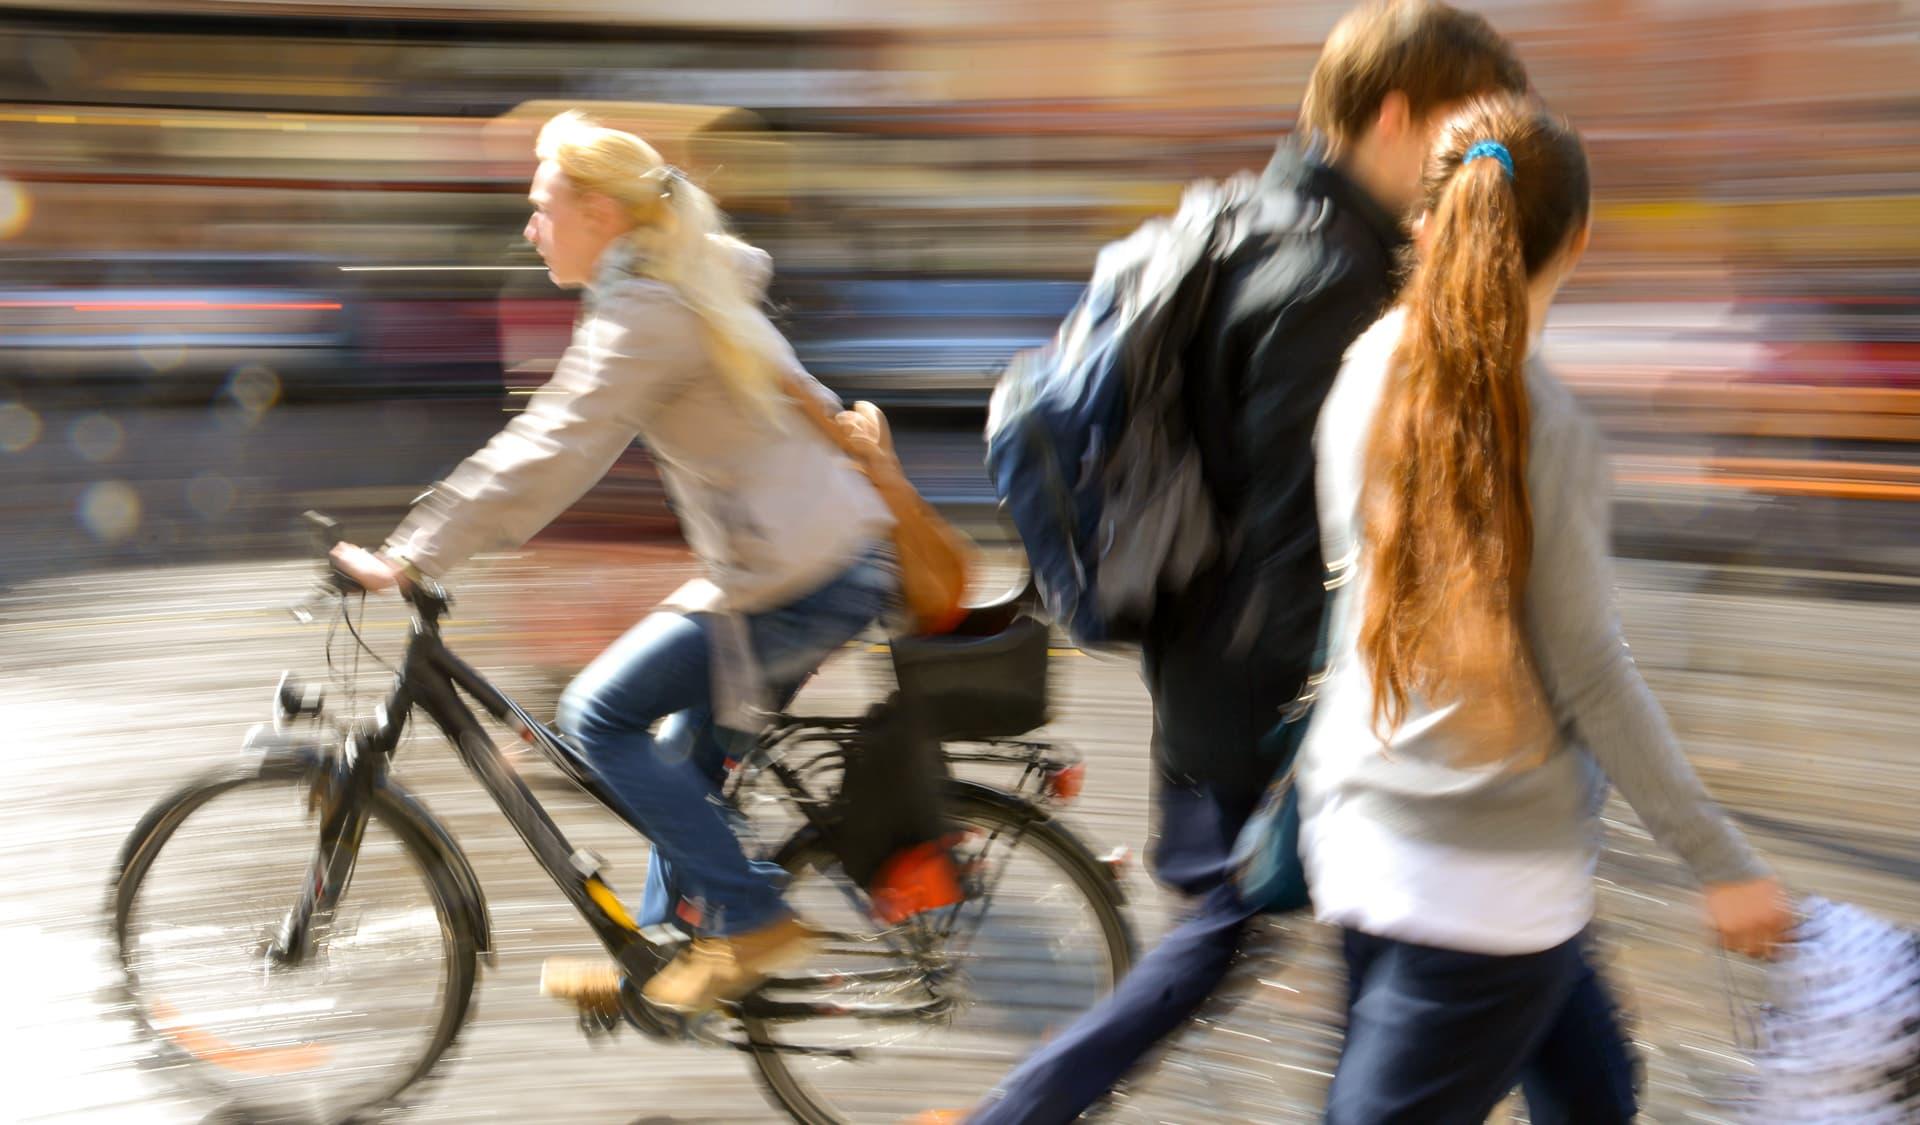 Eine Frau fährt auf dem Fahrrad an zwei Menschen vorbei